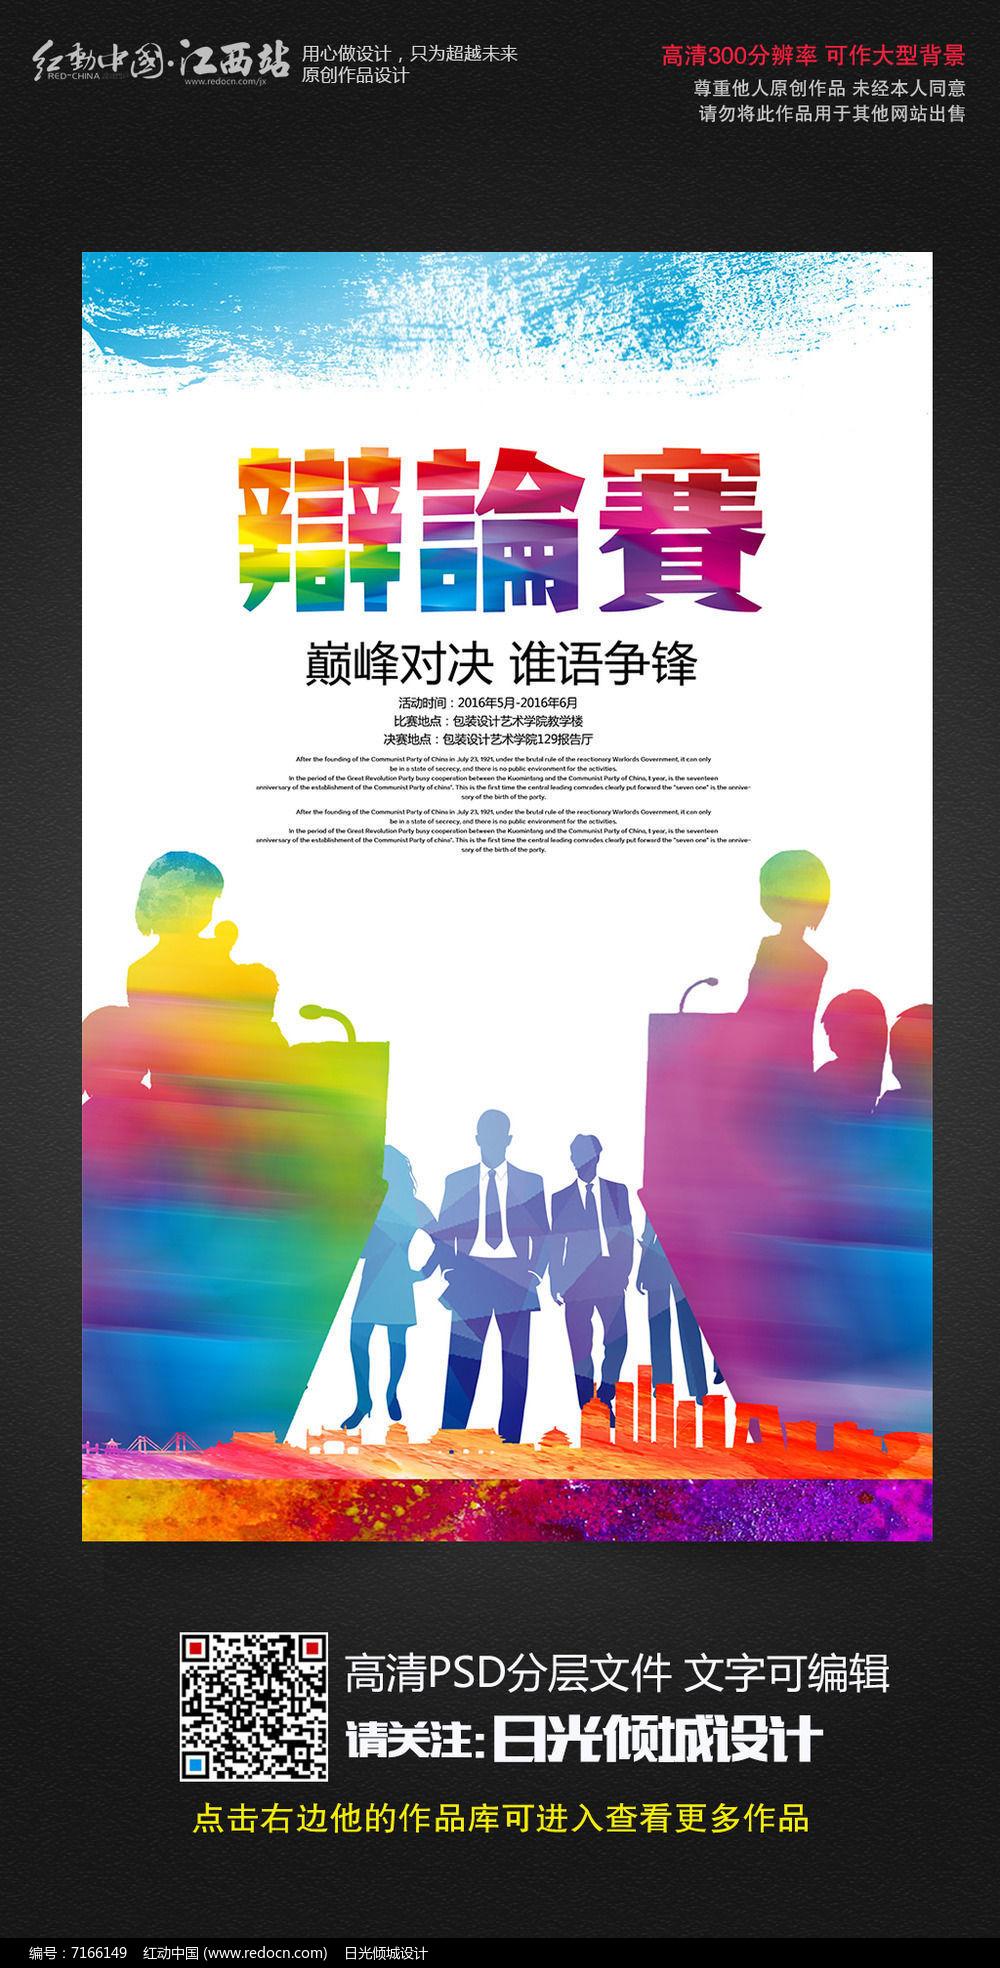 创意校园辩论赛宣传海报图片